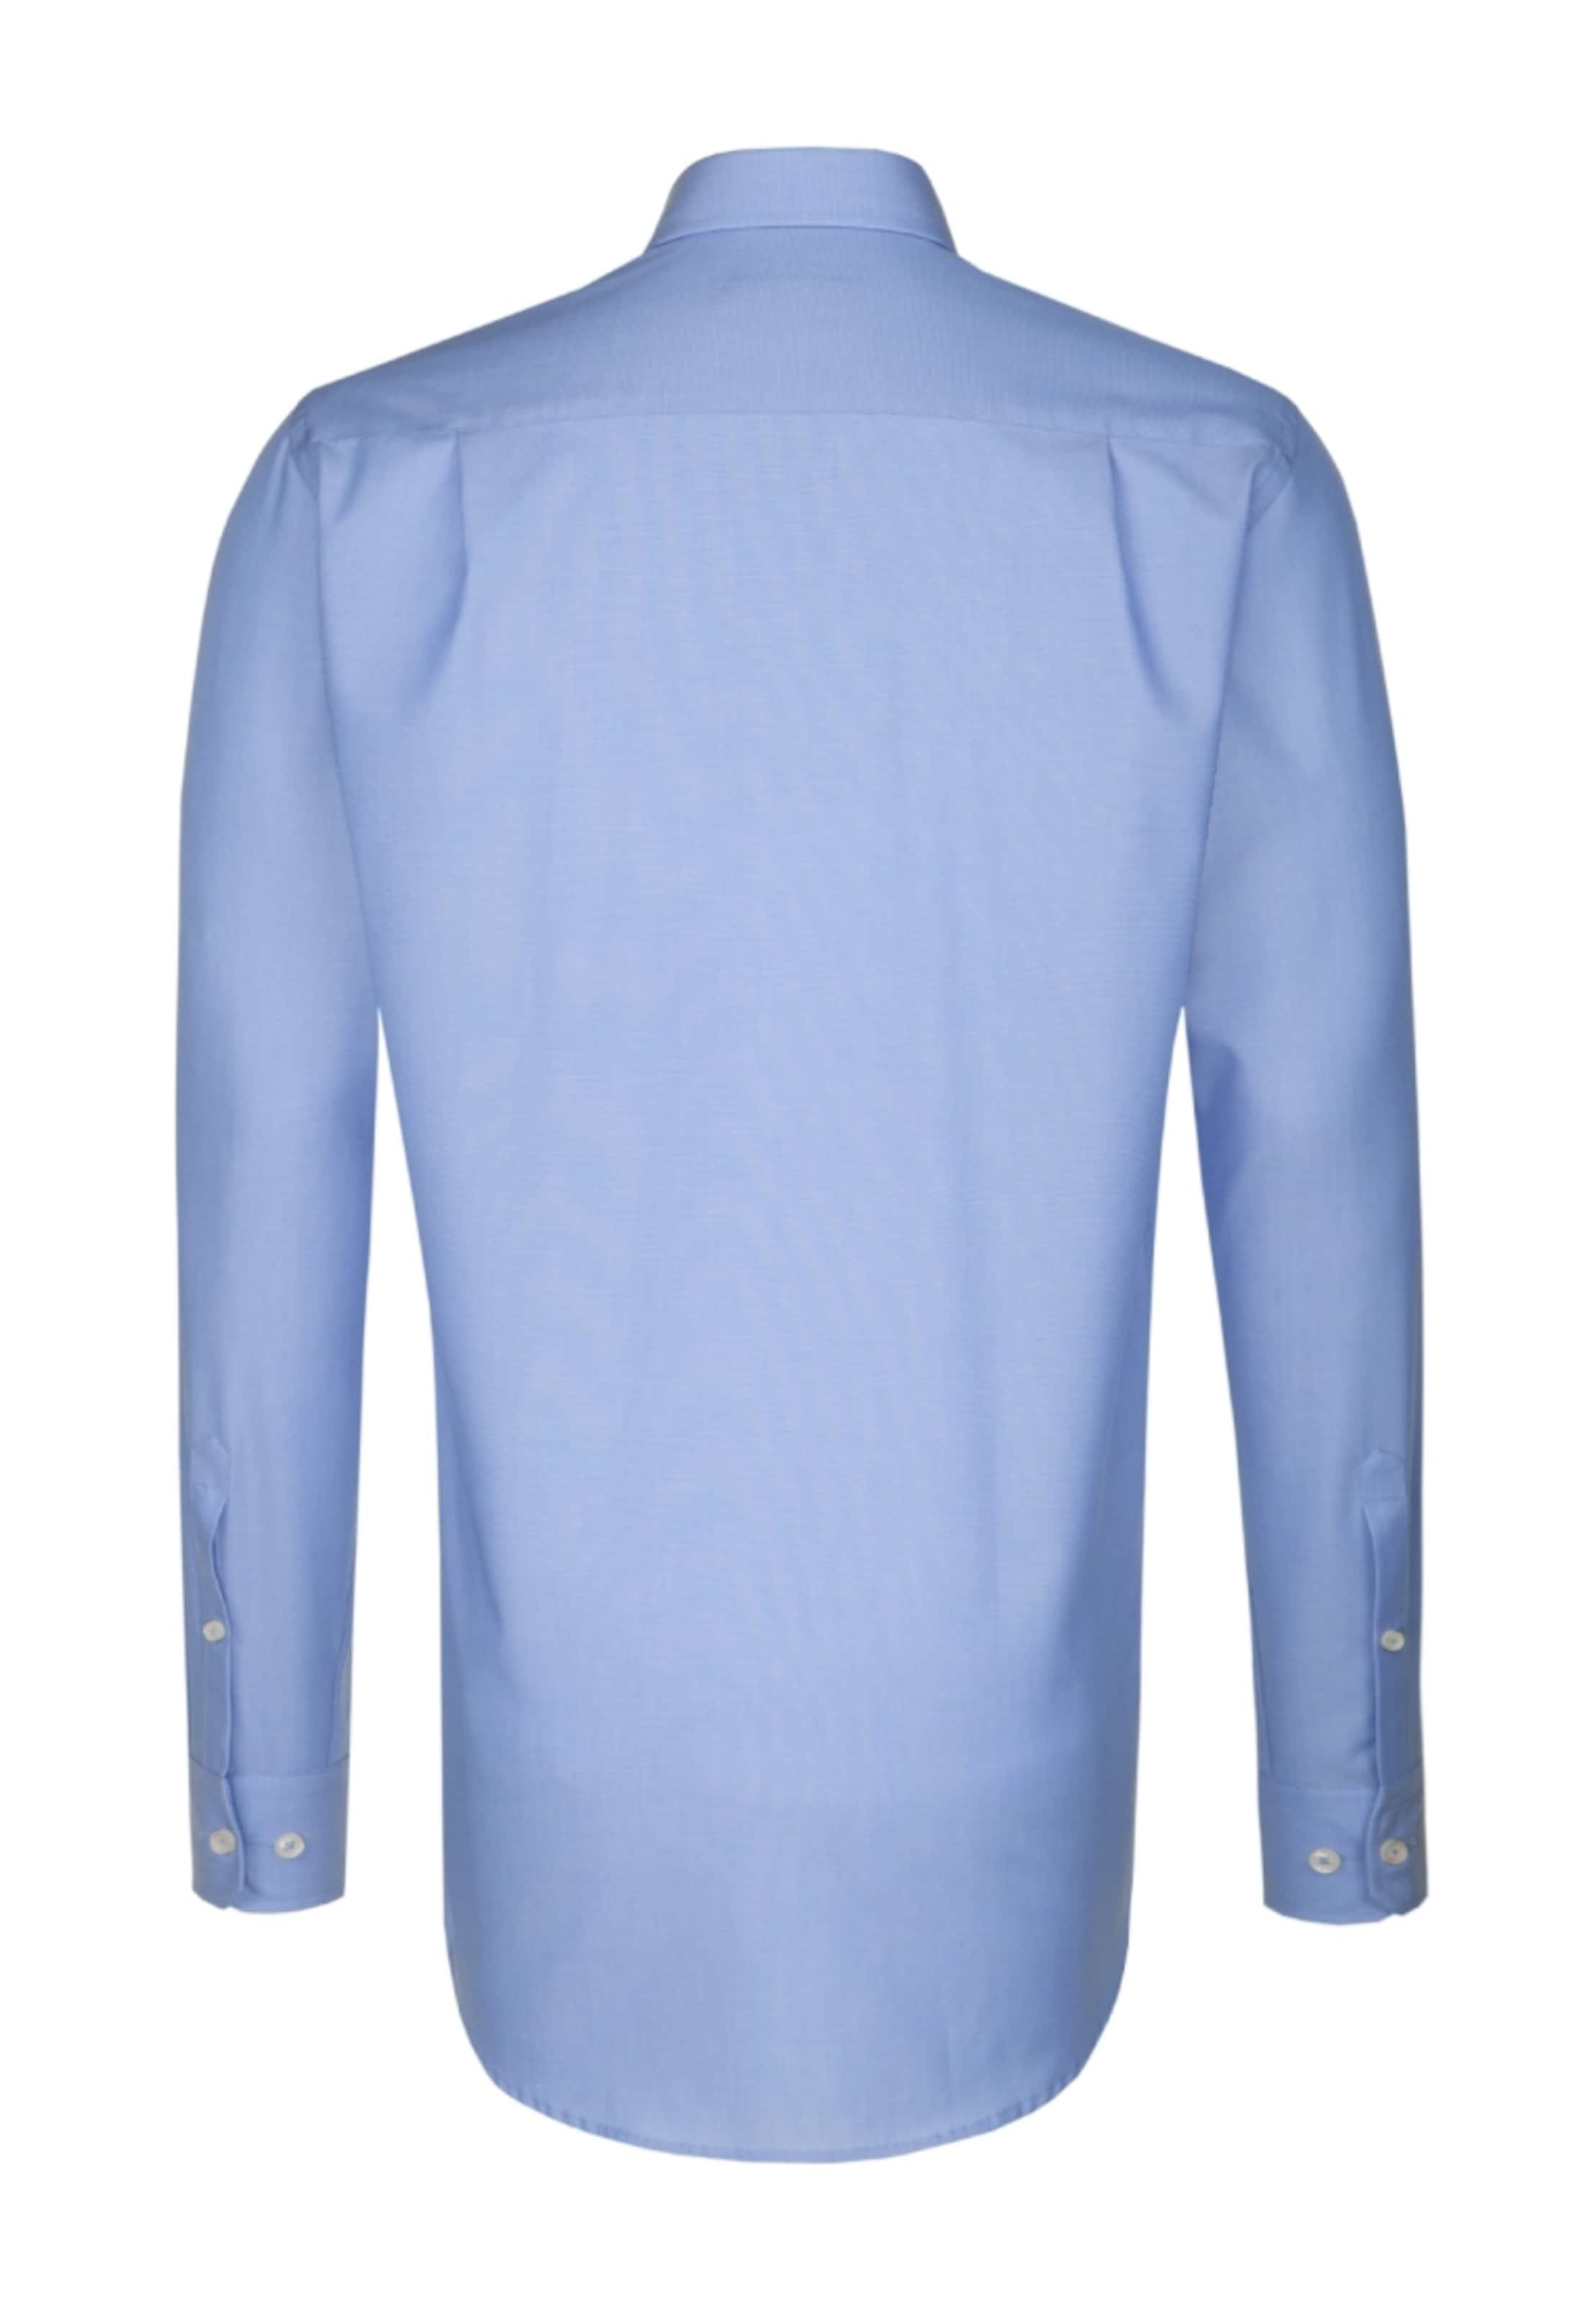 ' In Modern City Blau Seidensticker hemd dCxoBEQreW